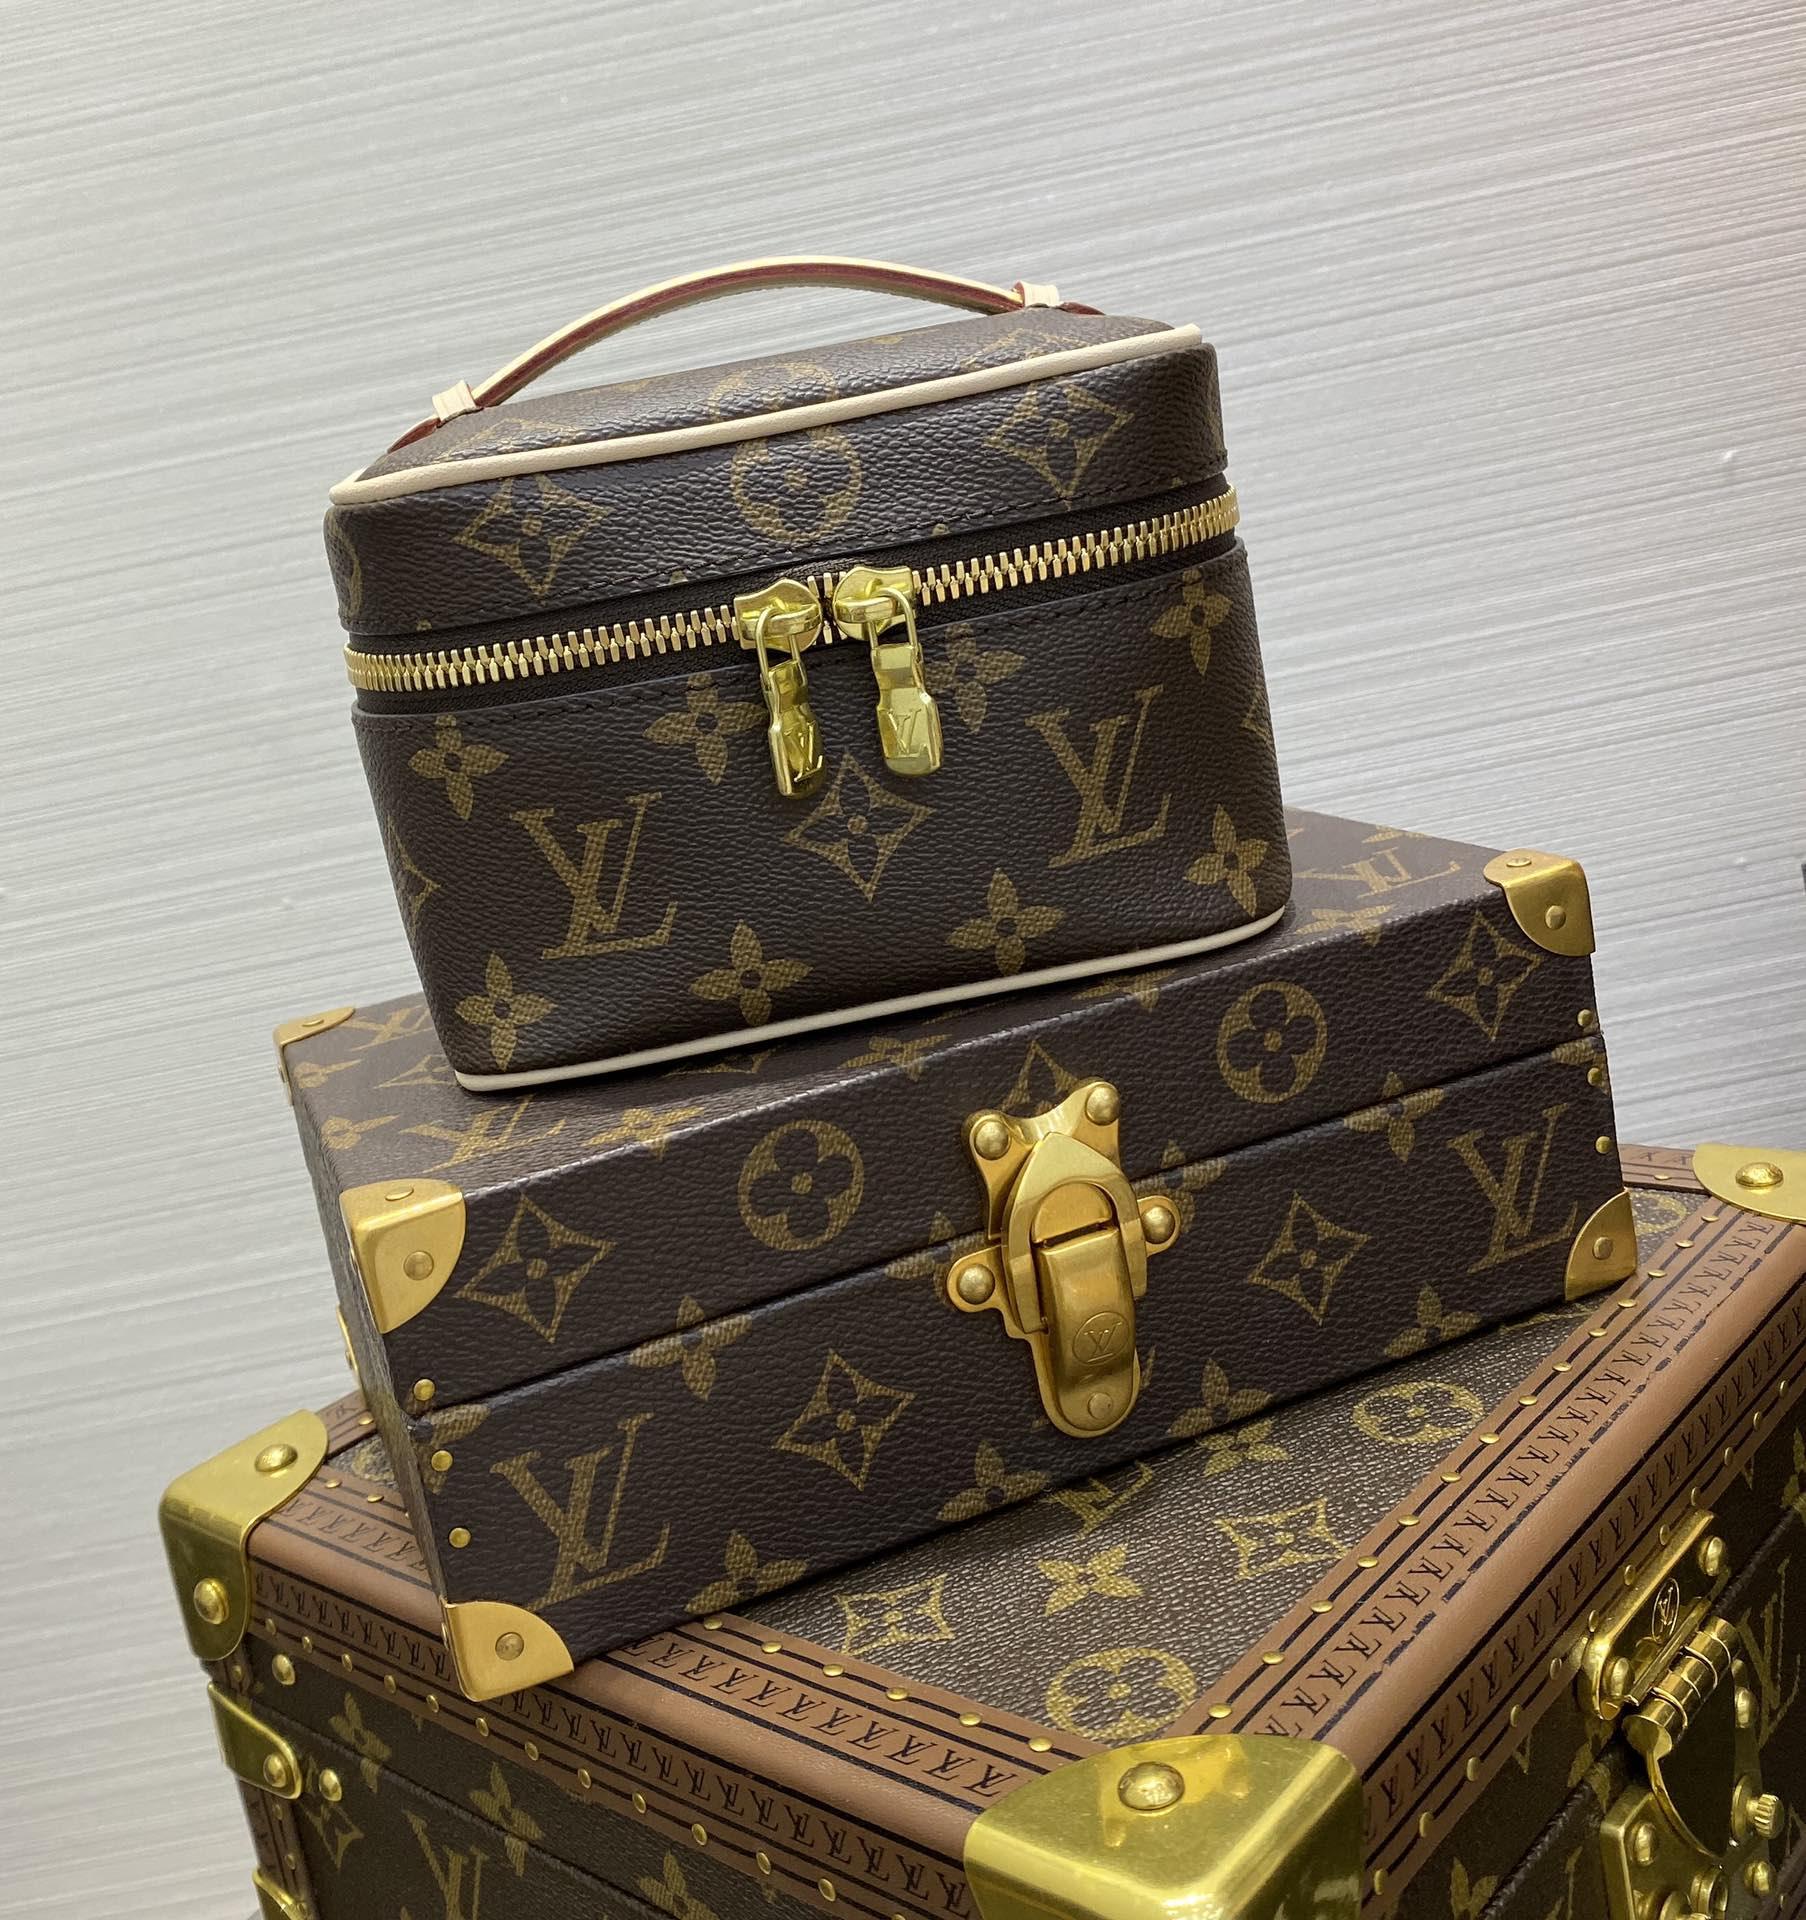 【¥550】驴家mini化妆包44936 太可爱了 搭上小链条又能背出街